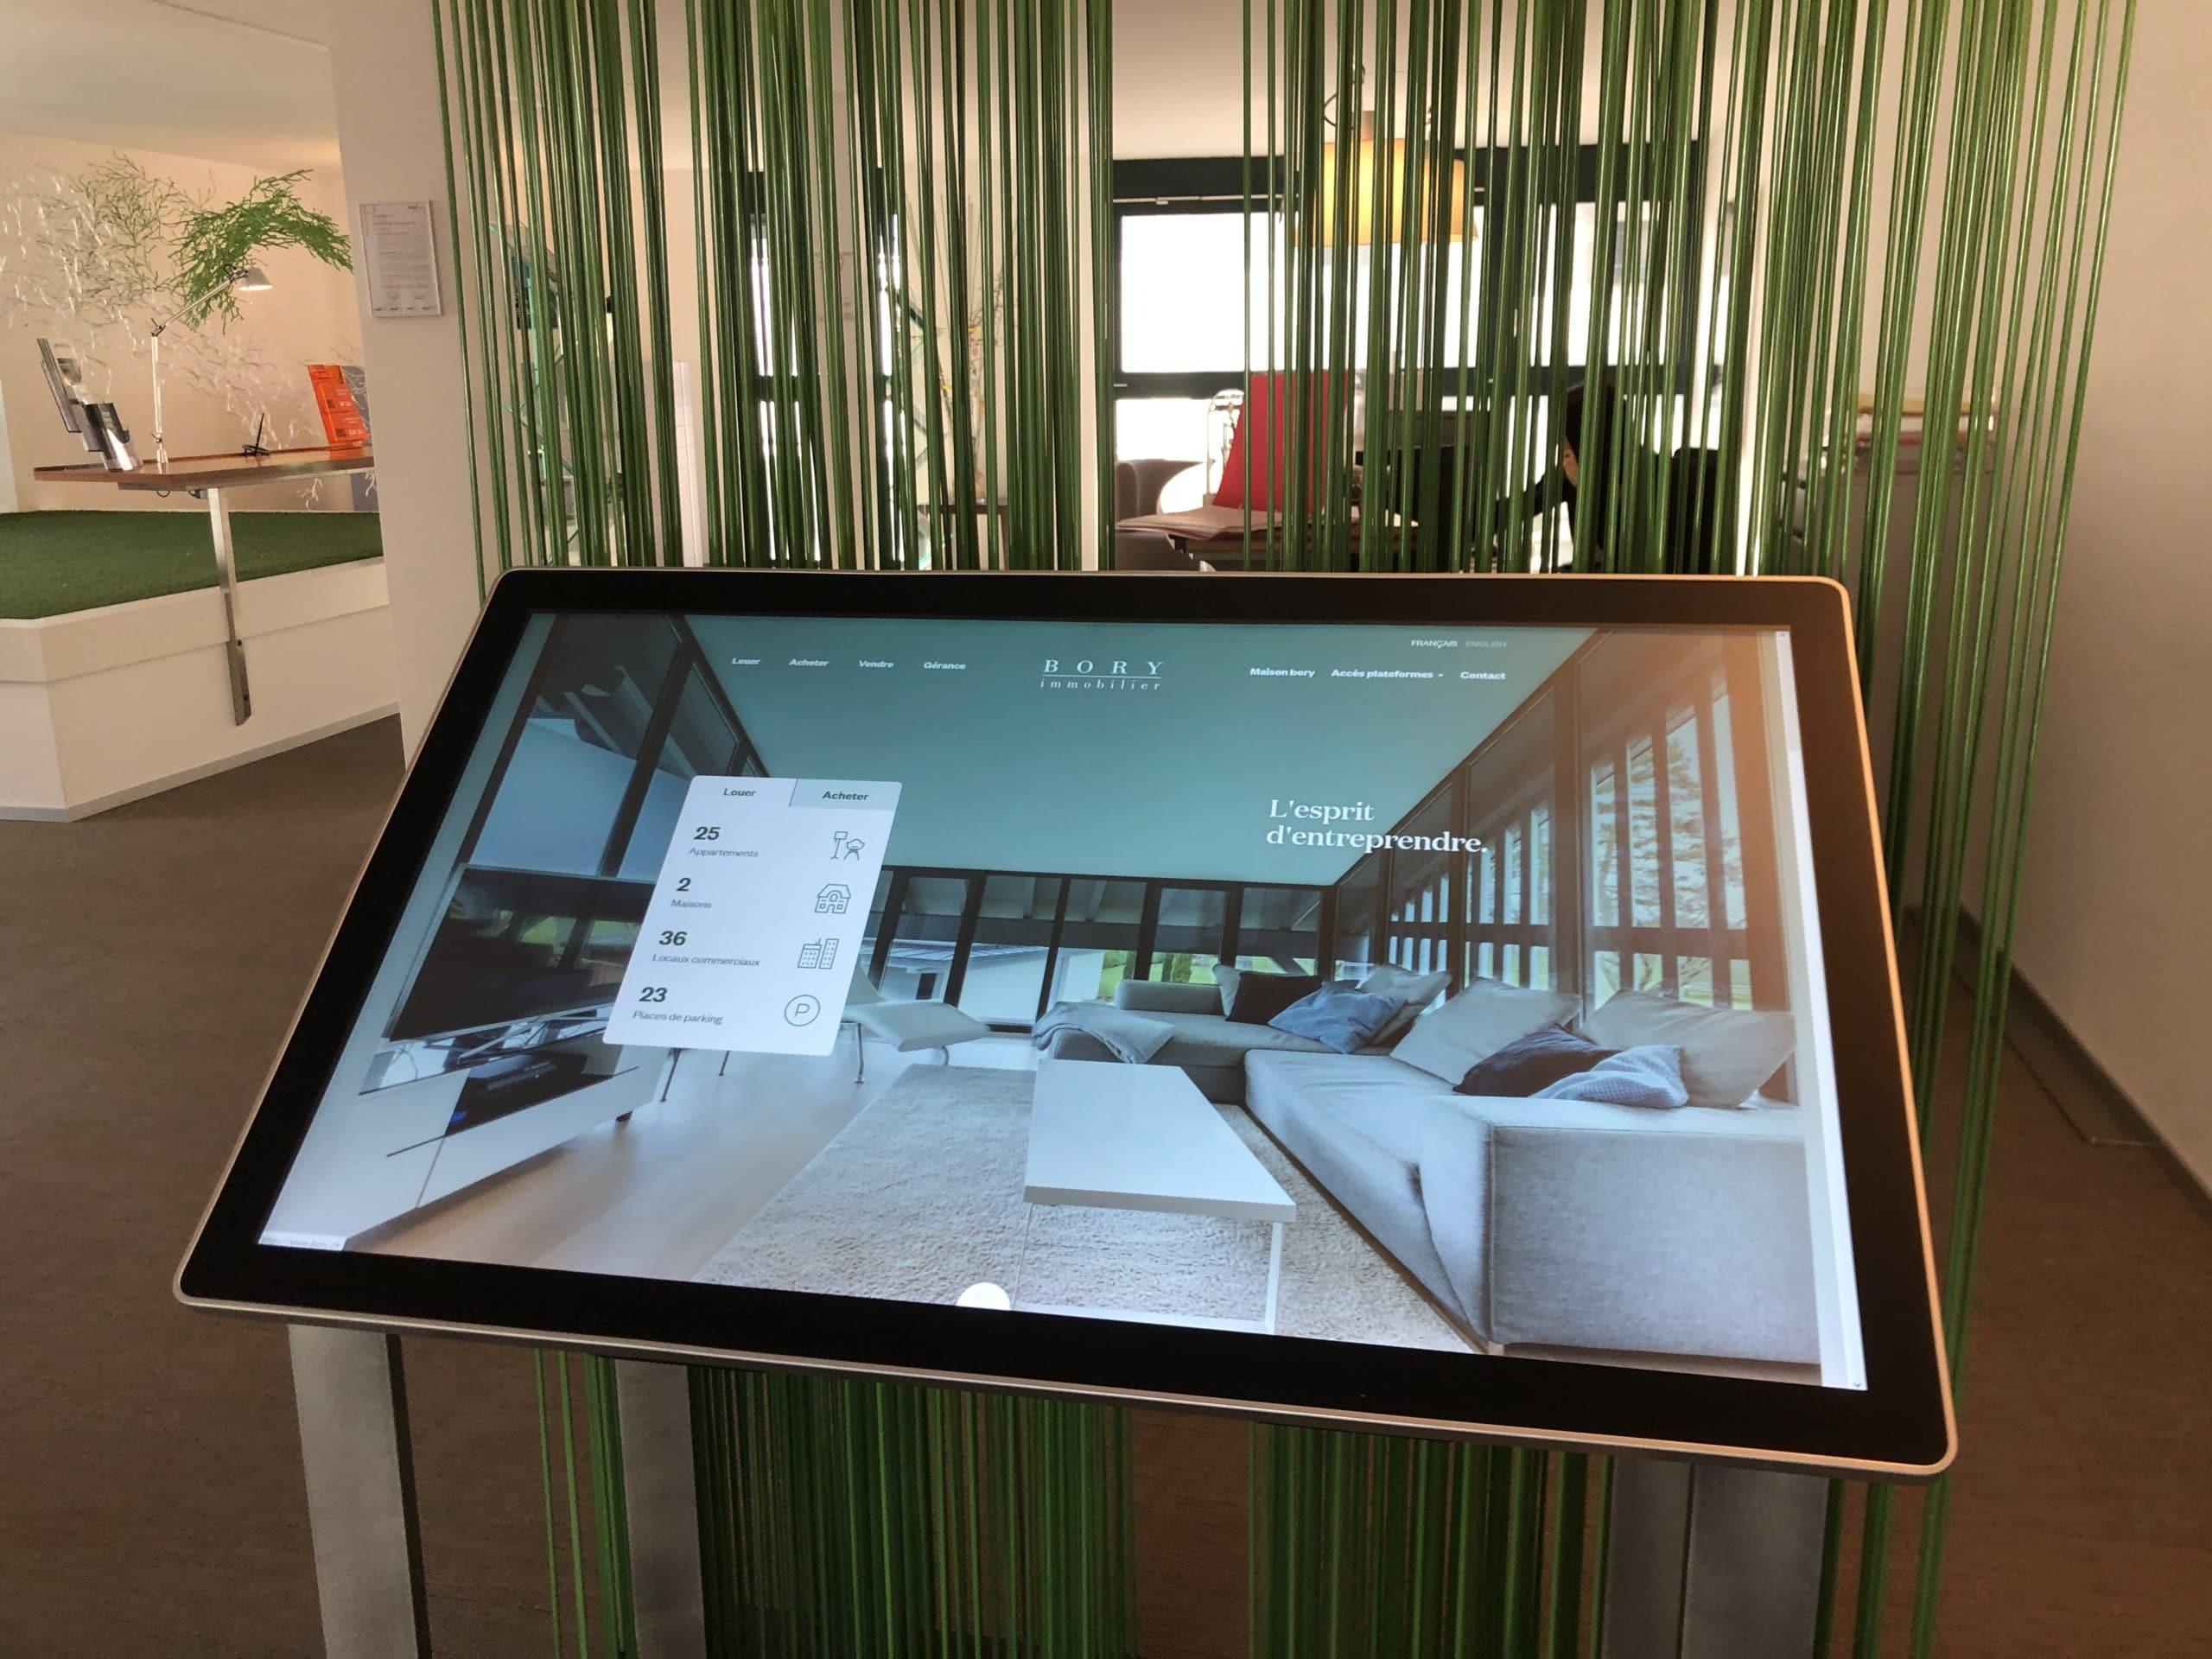 Bory Immobilier – Installation de borne tactile reliée au site internet